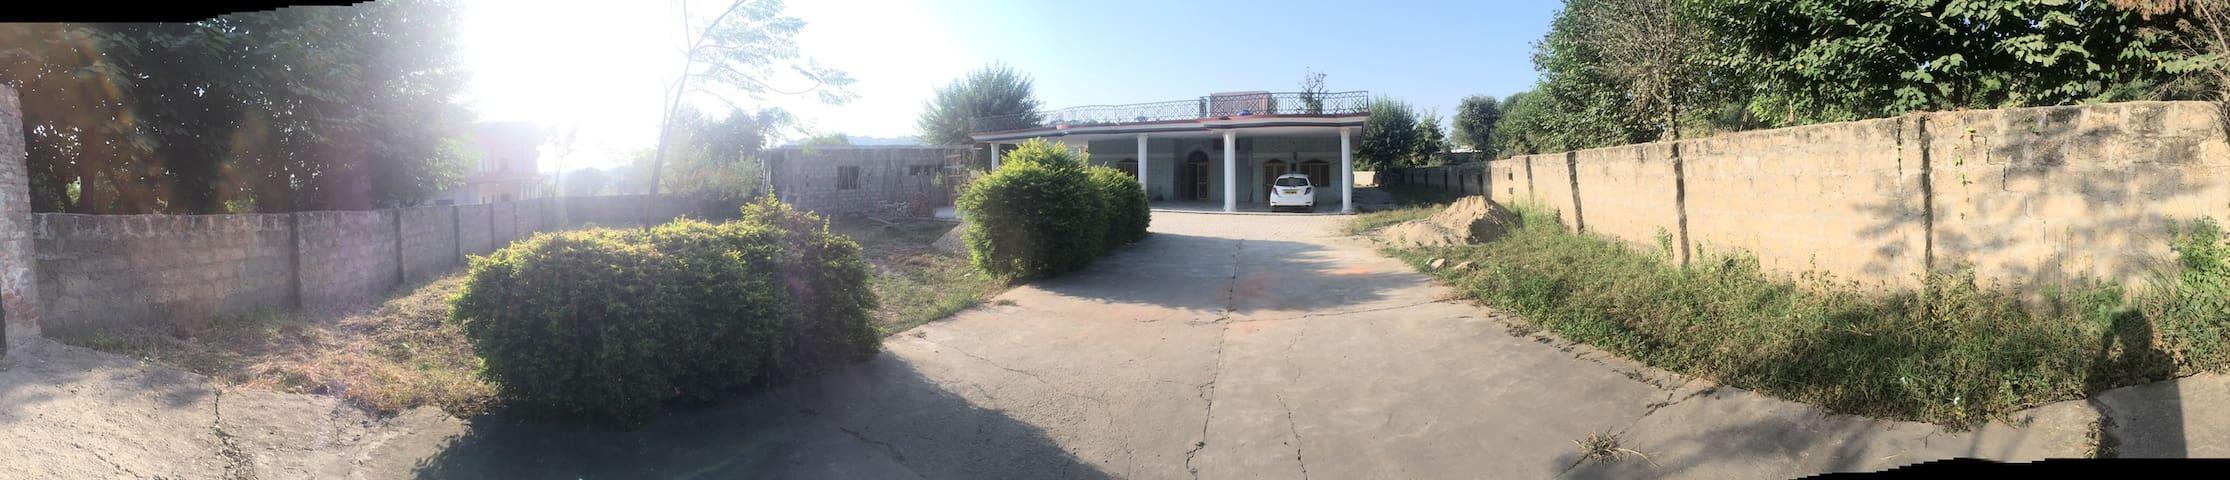 Kamp Kashmir